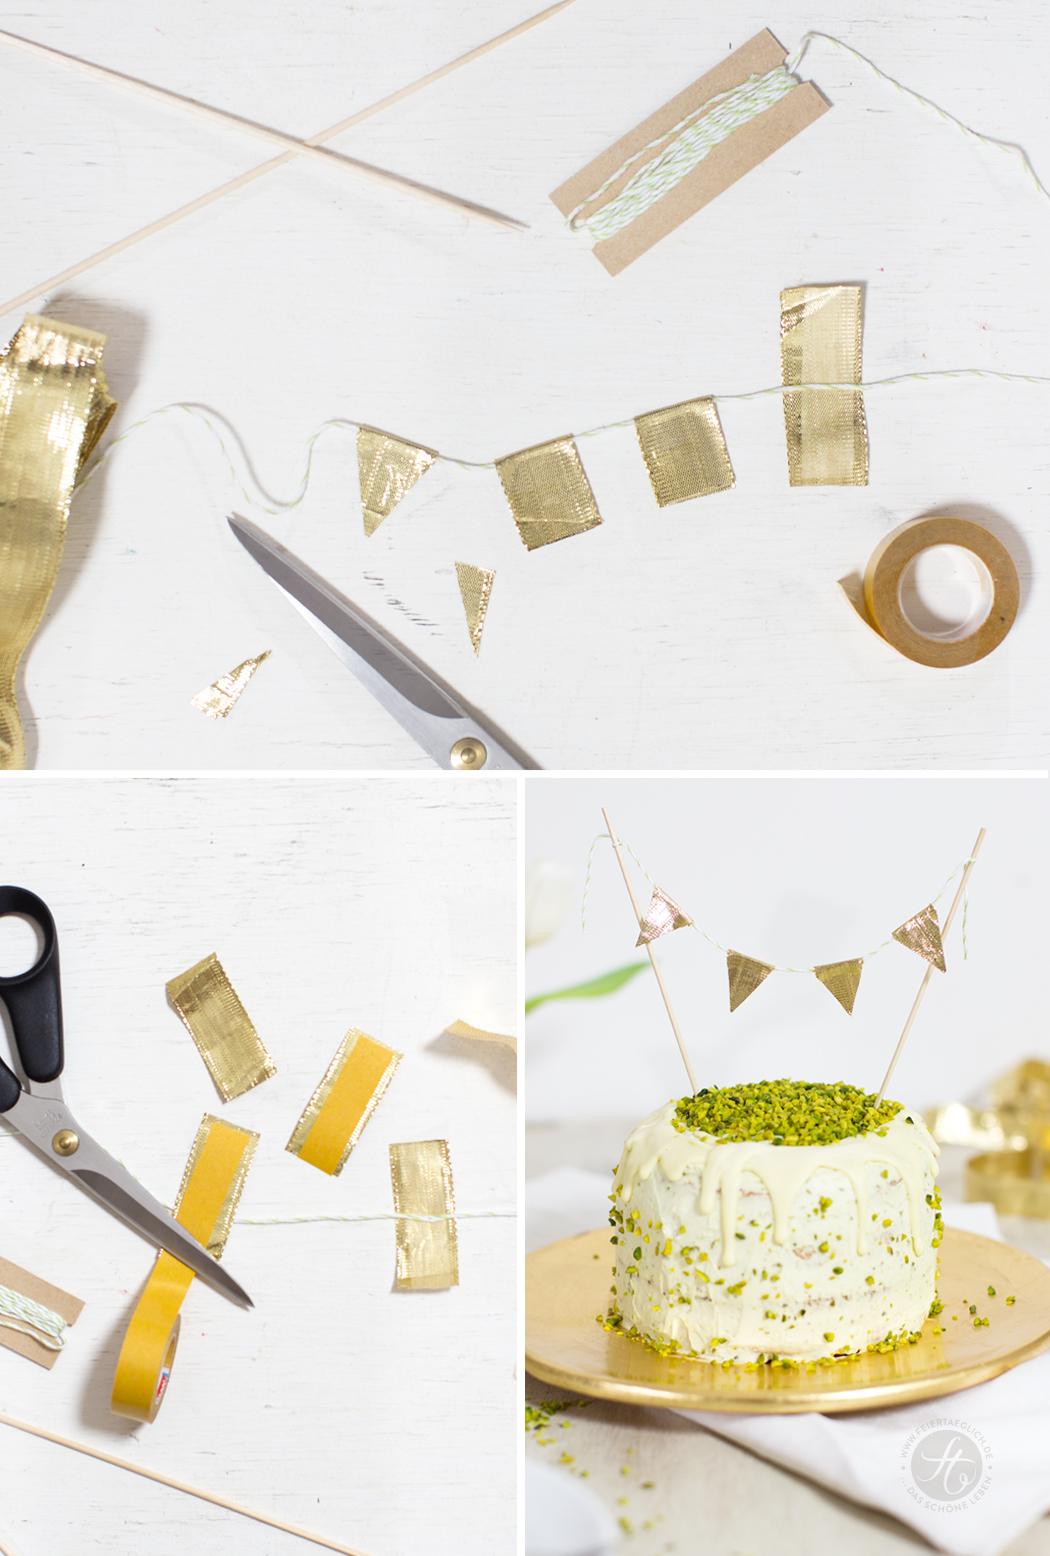 Pistazien-Torte mit Pistazien-Mascarponecreme und weisser Schokolade + DIY Wimpelkette –ein Traum in Pastellgrün und Gold // feiertäglich.de